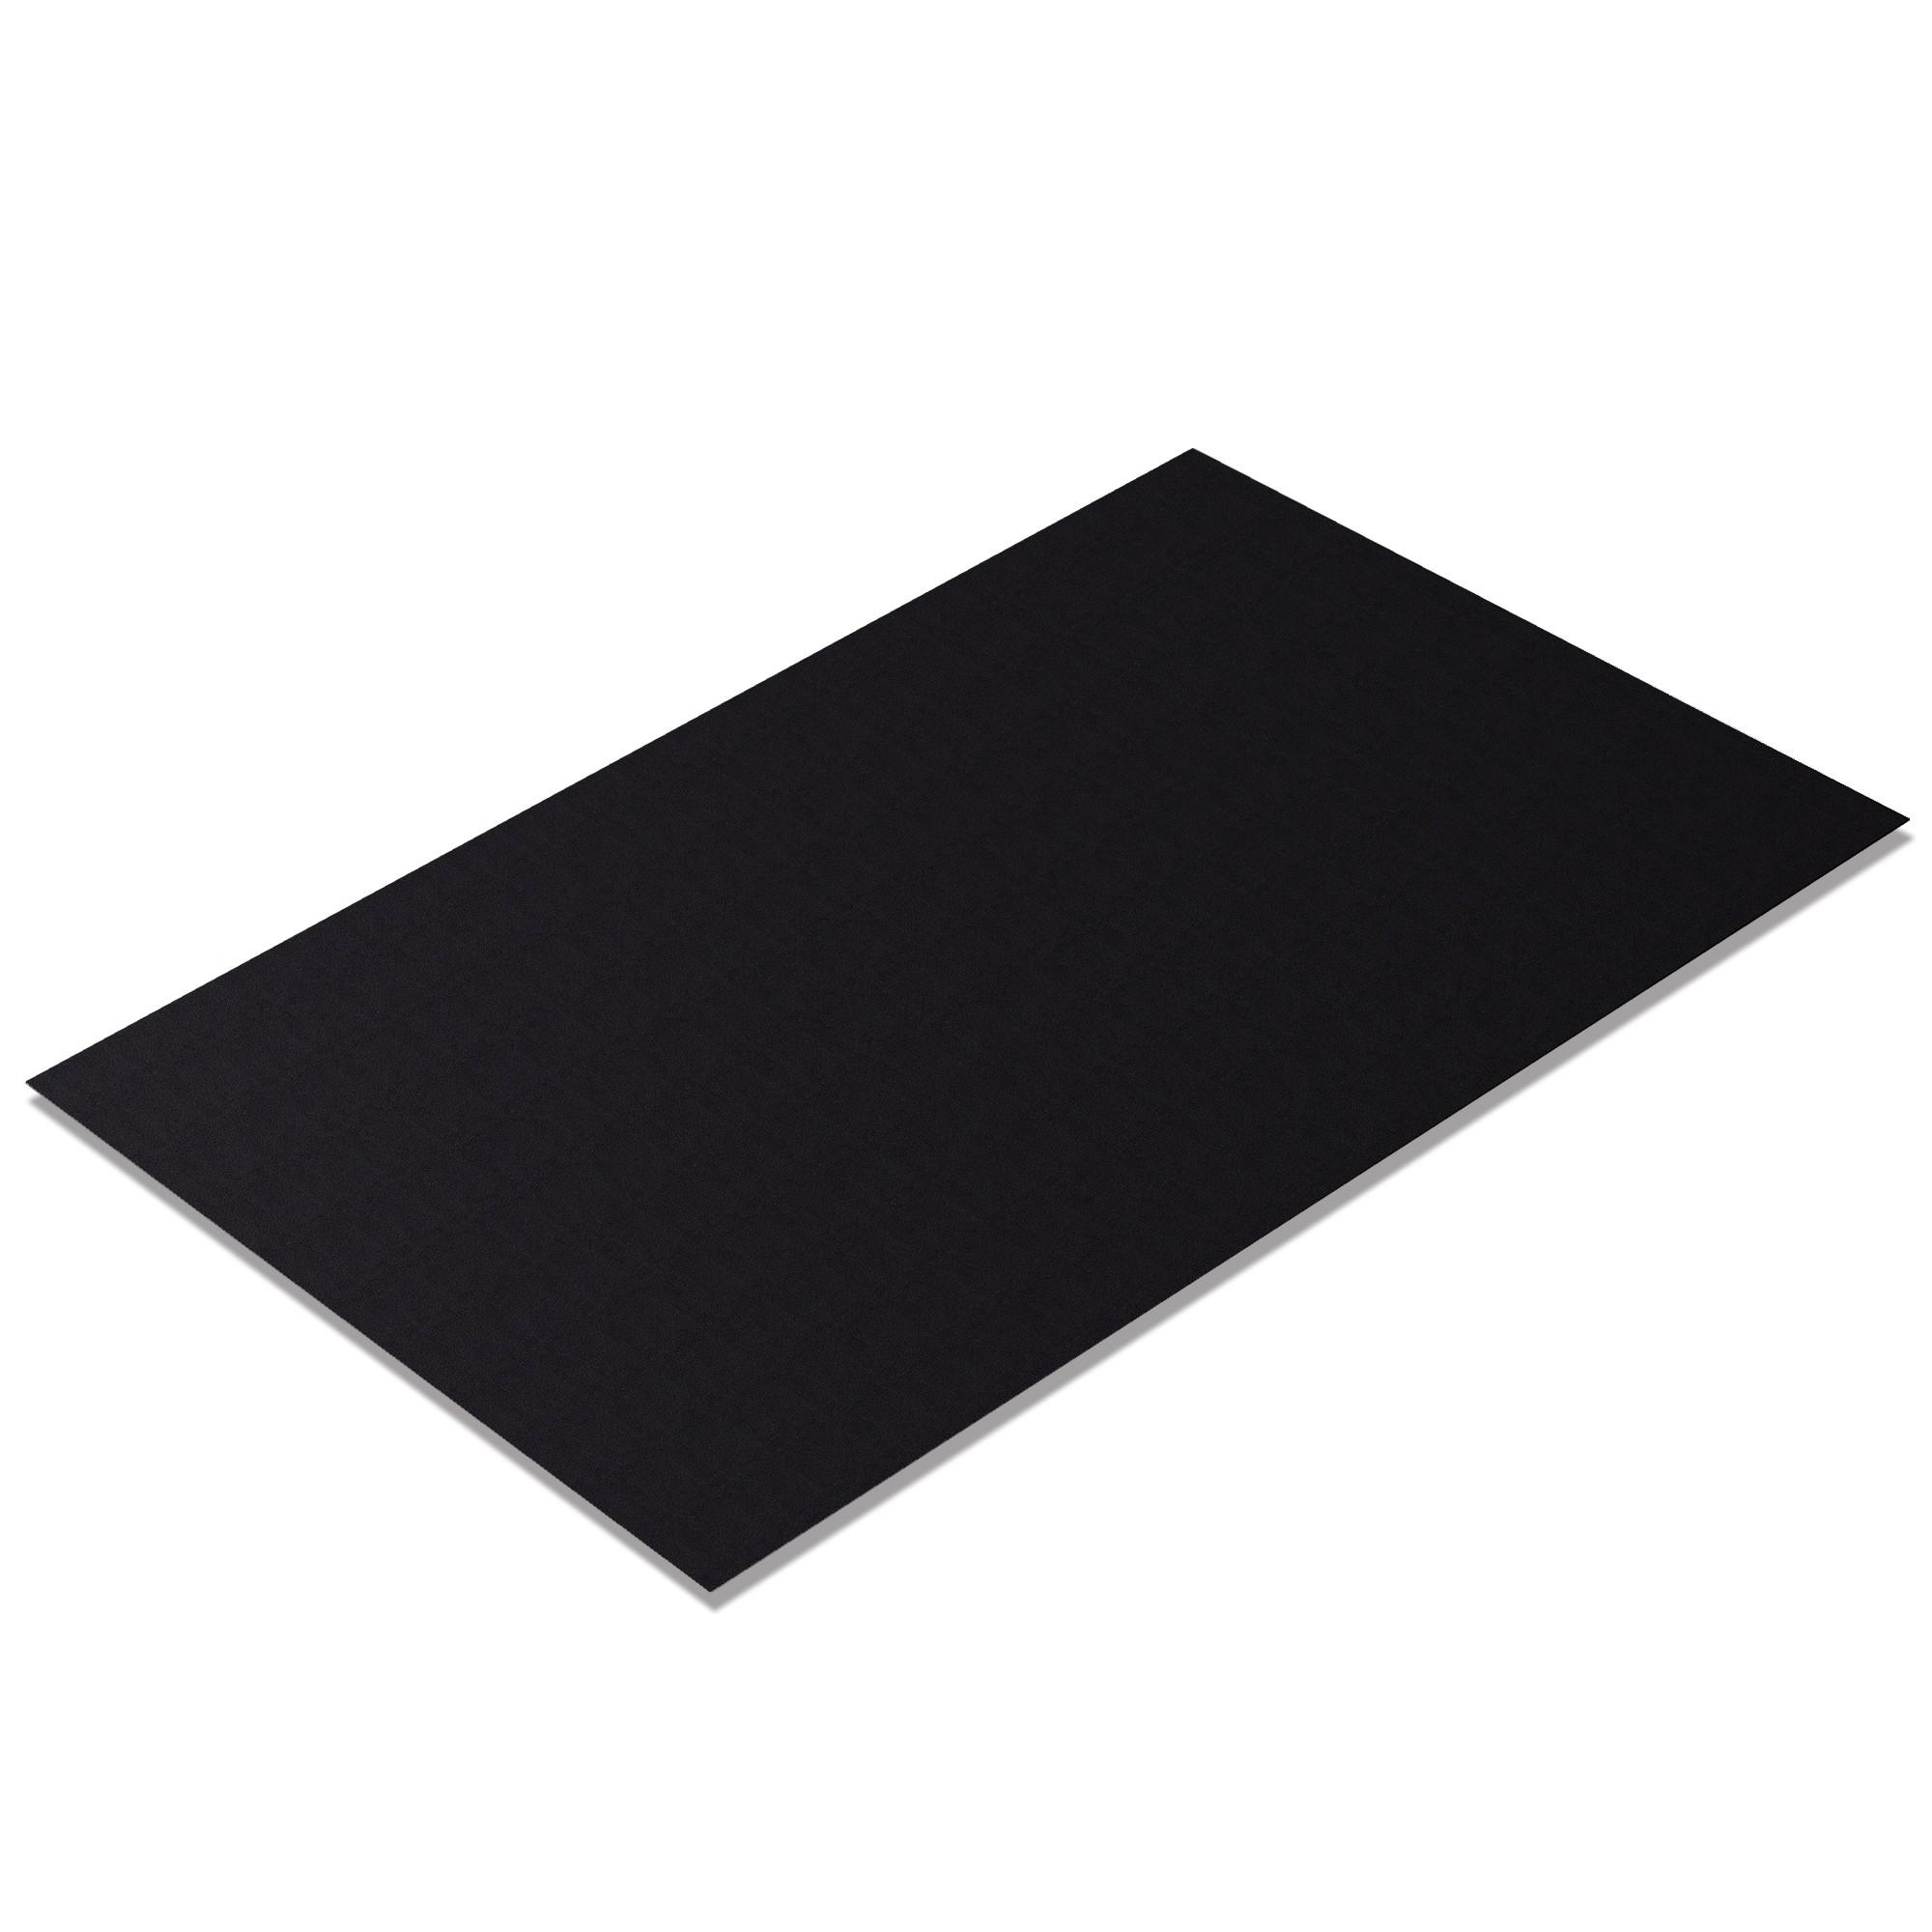 kunstleder meterware teens black tee02. Black Bedroom Furniture Sets. Home Design Ideas